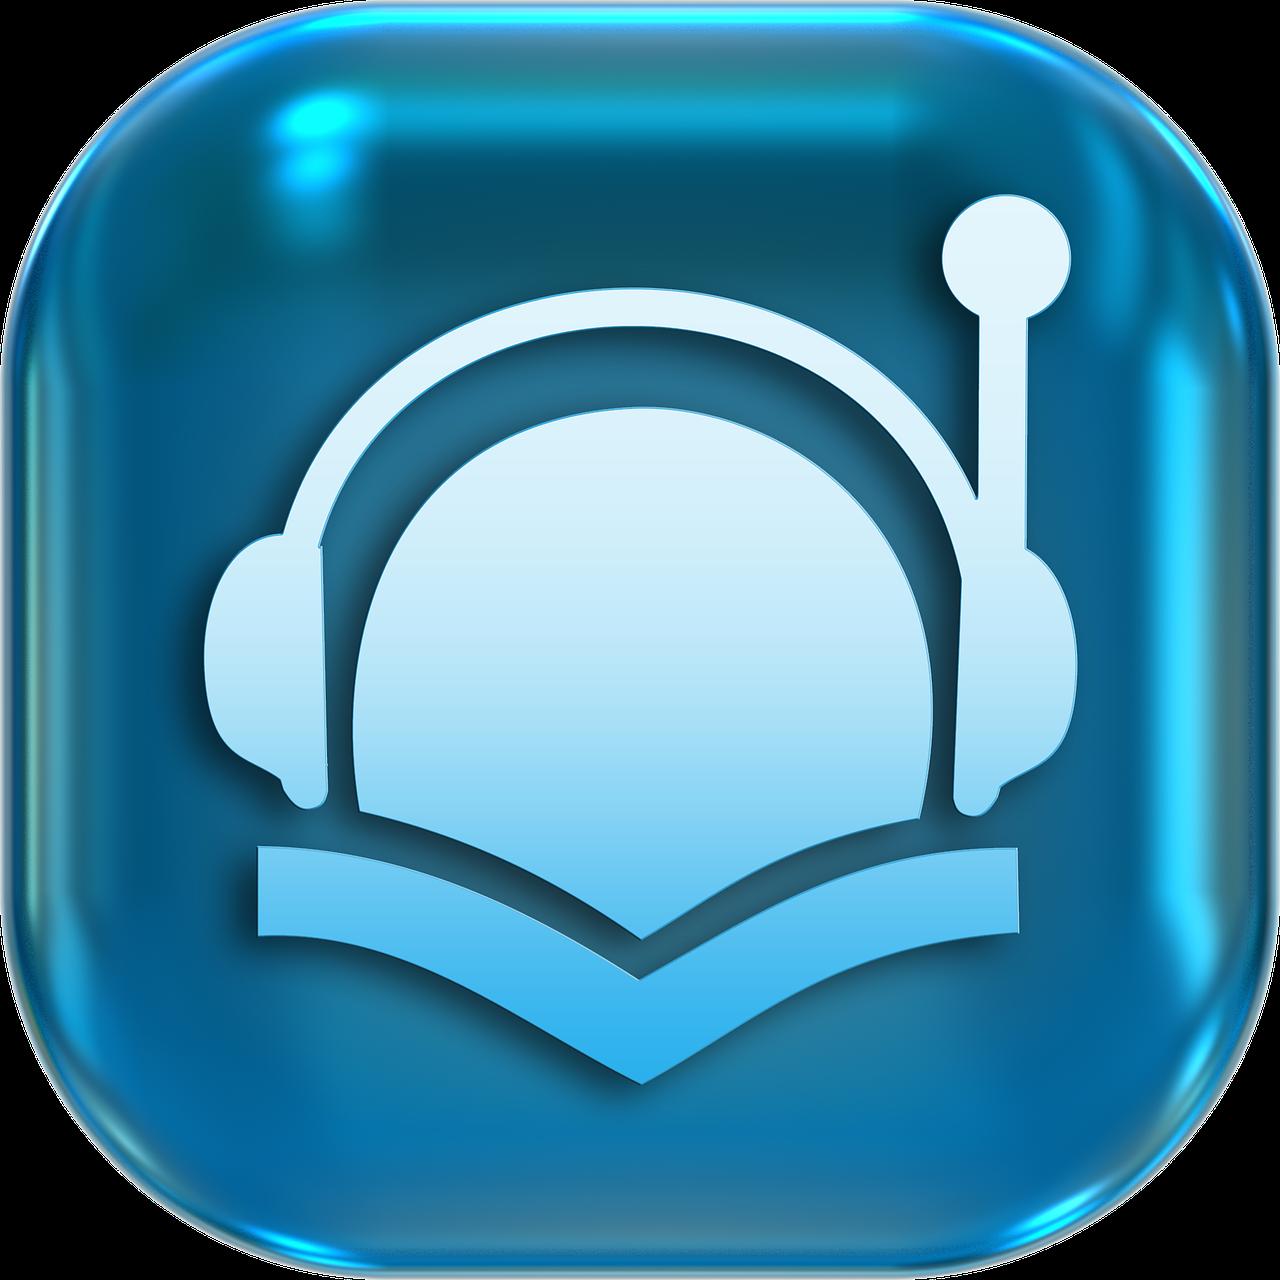 סמל של מאזין